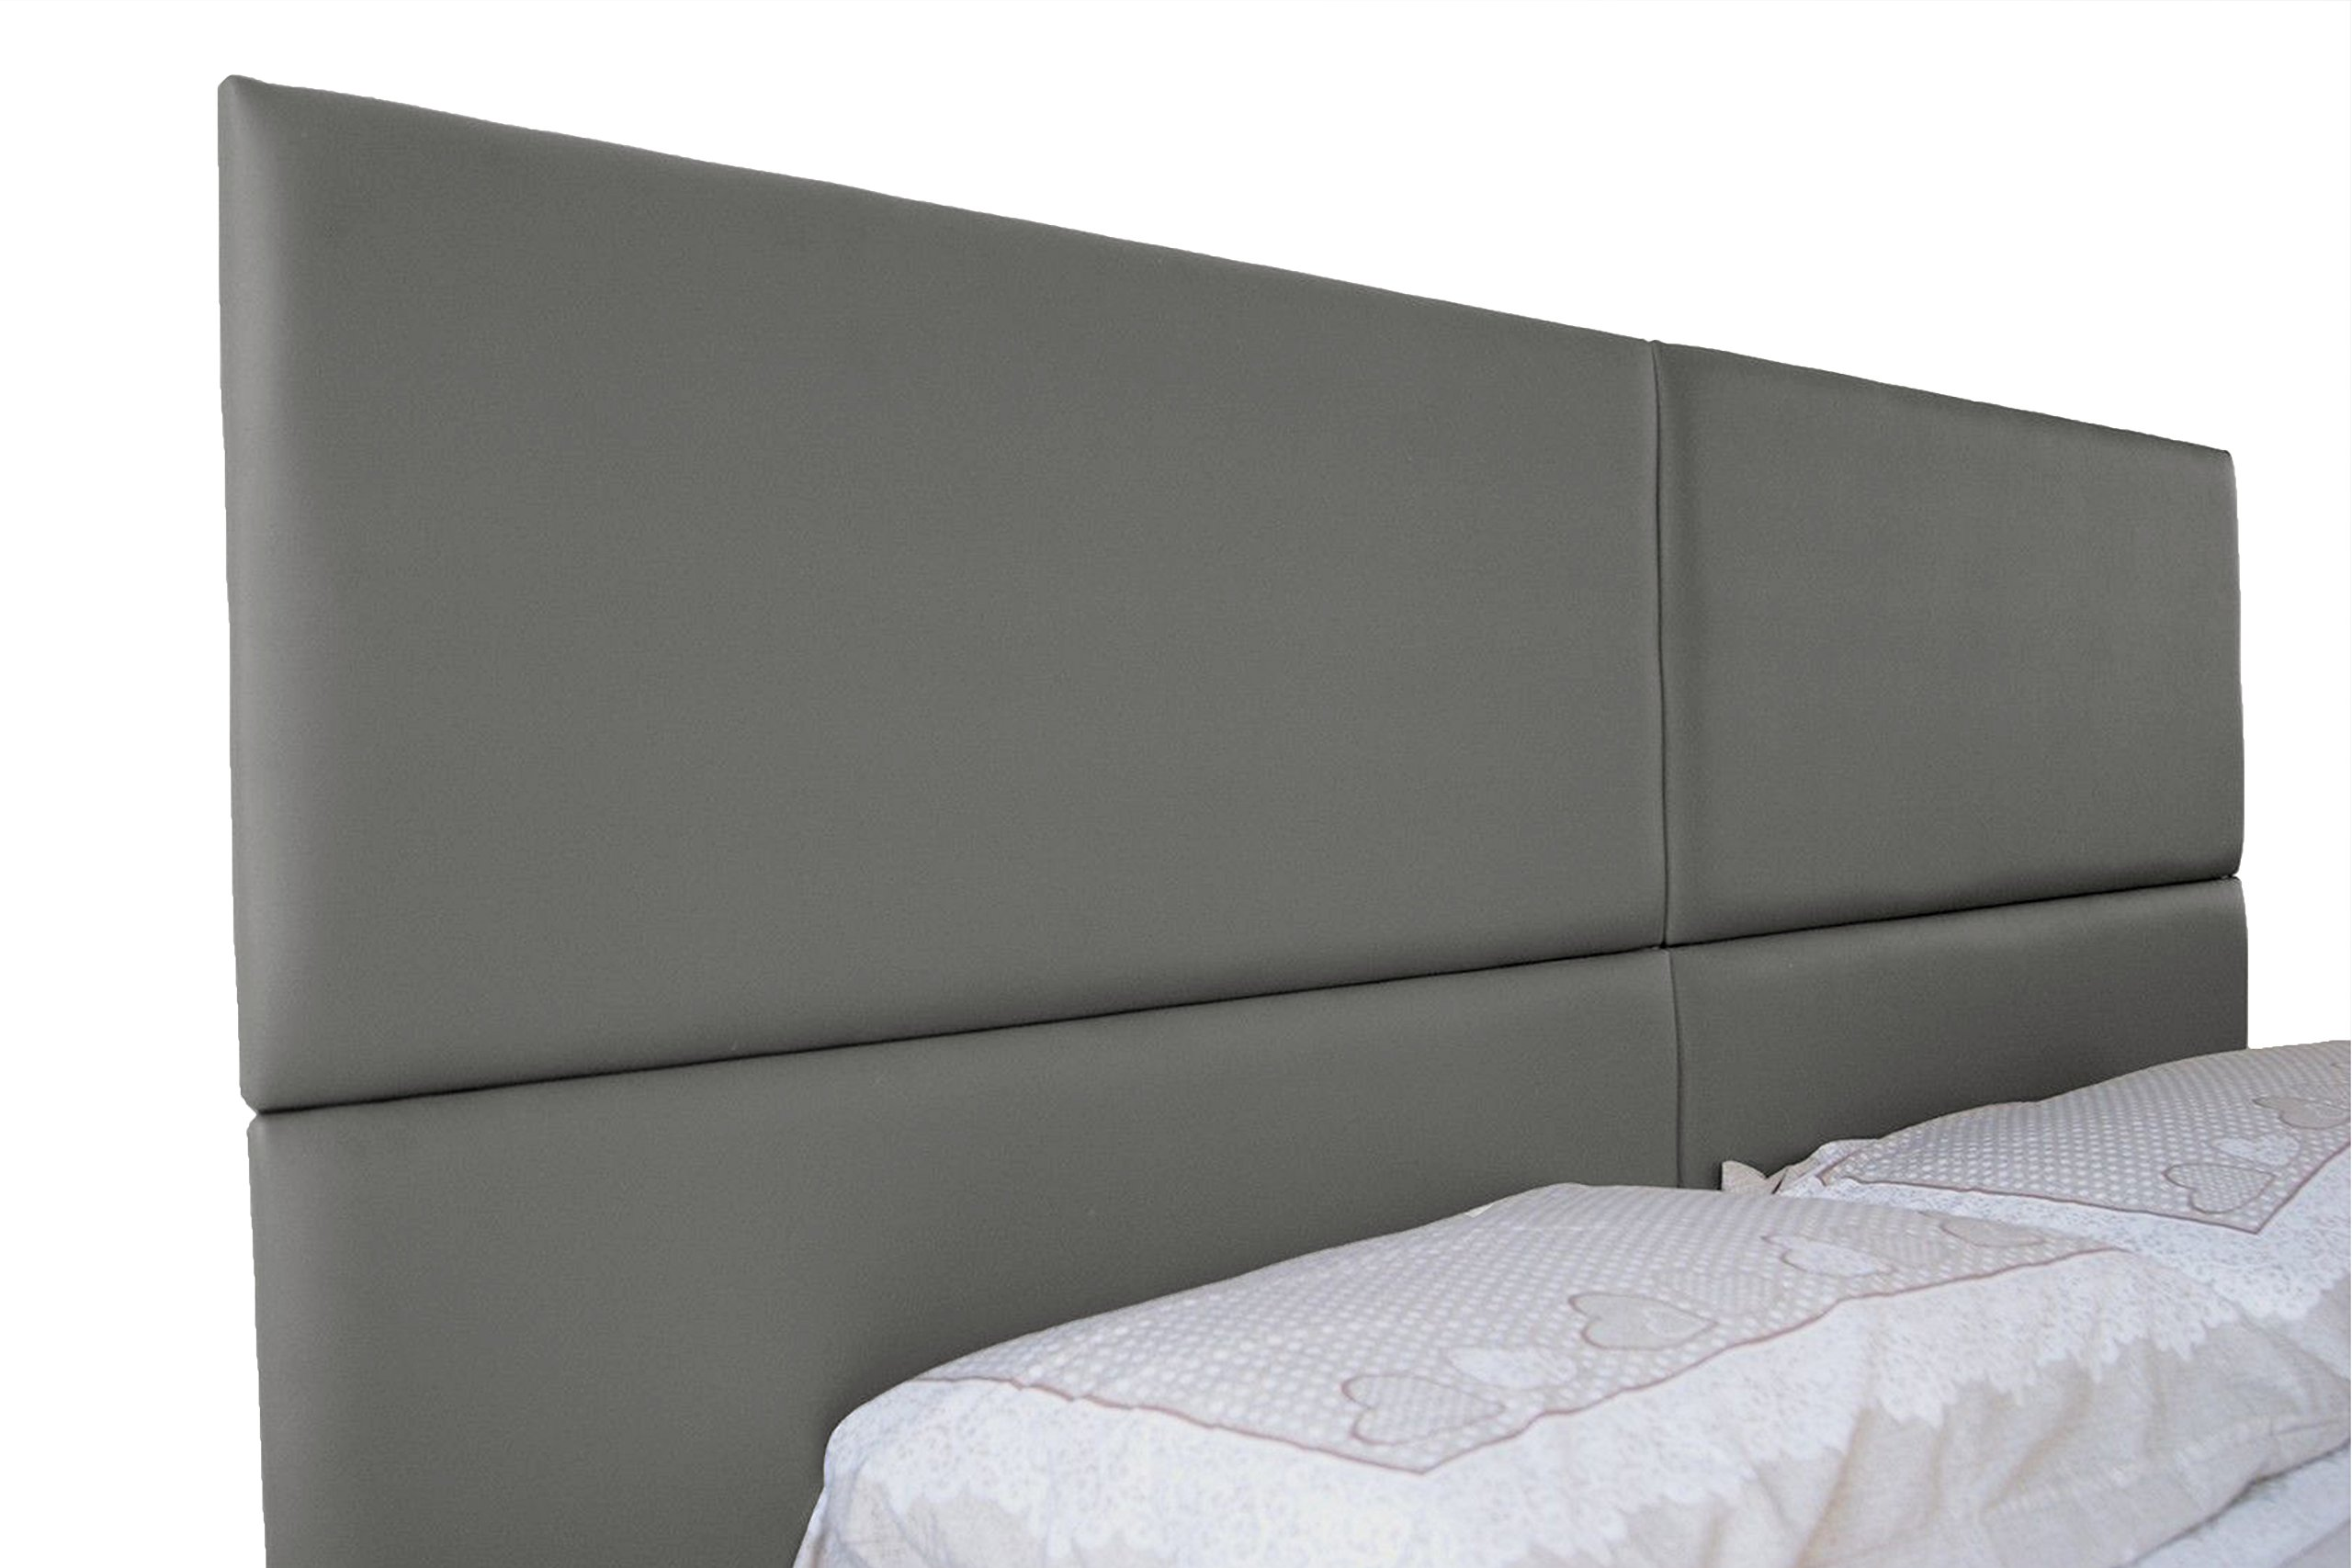 Ponti divani puzzle pannello imbottito per testiera - Crea la tua camera da letto ...